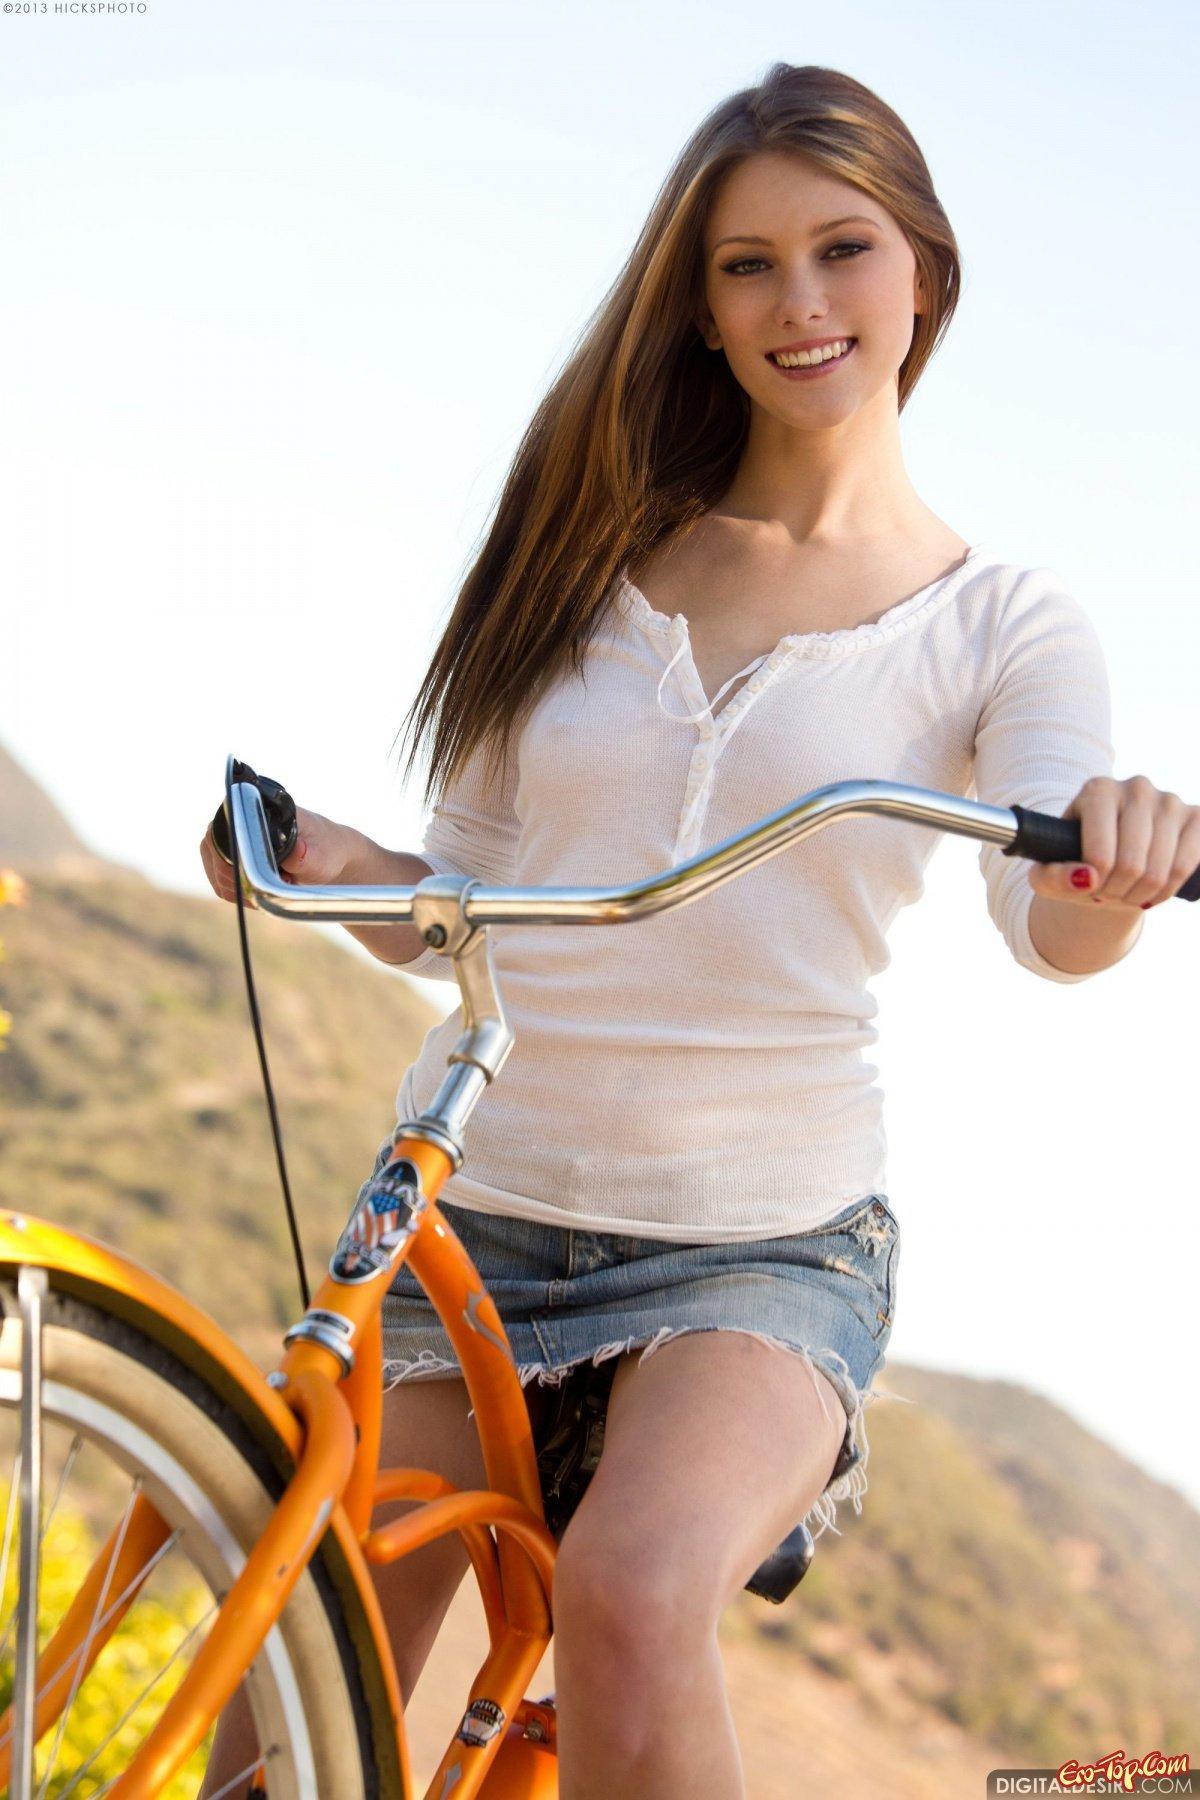 Фото голой попки на велосипеде 21 фотография